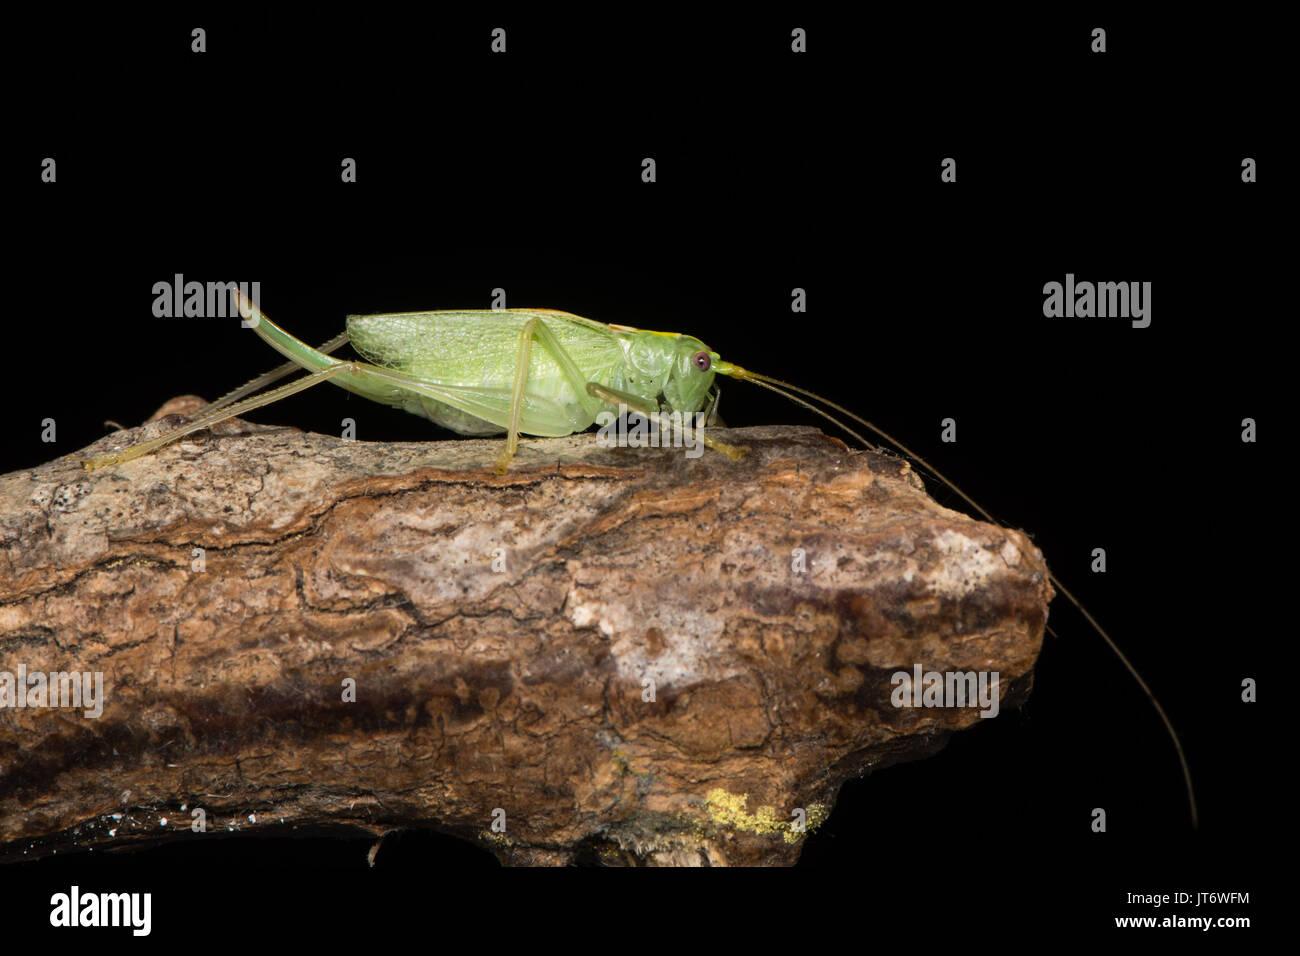 Eiche Bush - Kricket (Meconema thalassinum) im Profil. Nach britischen Kricket in der Familie Tettigoniidae, Ordnung Orthoptera, gegen Schwarze Stockbild